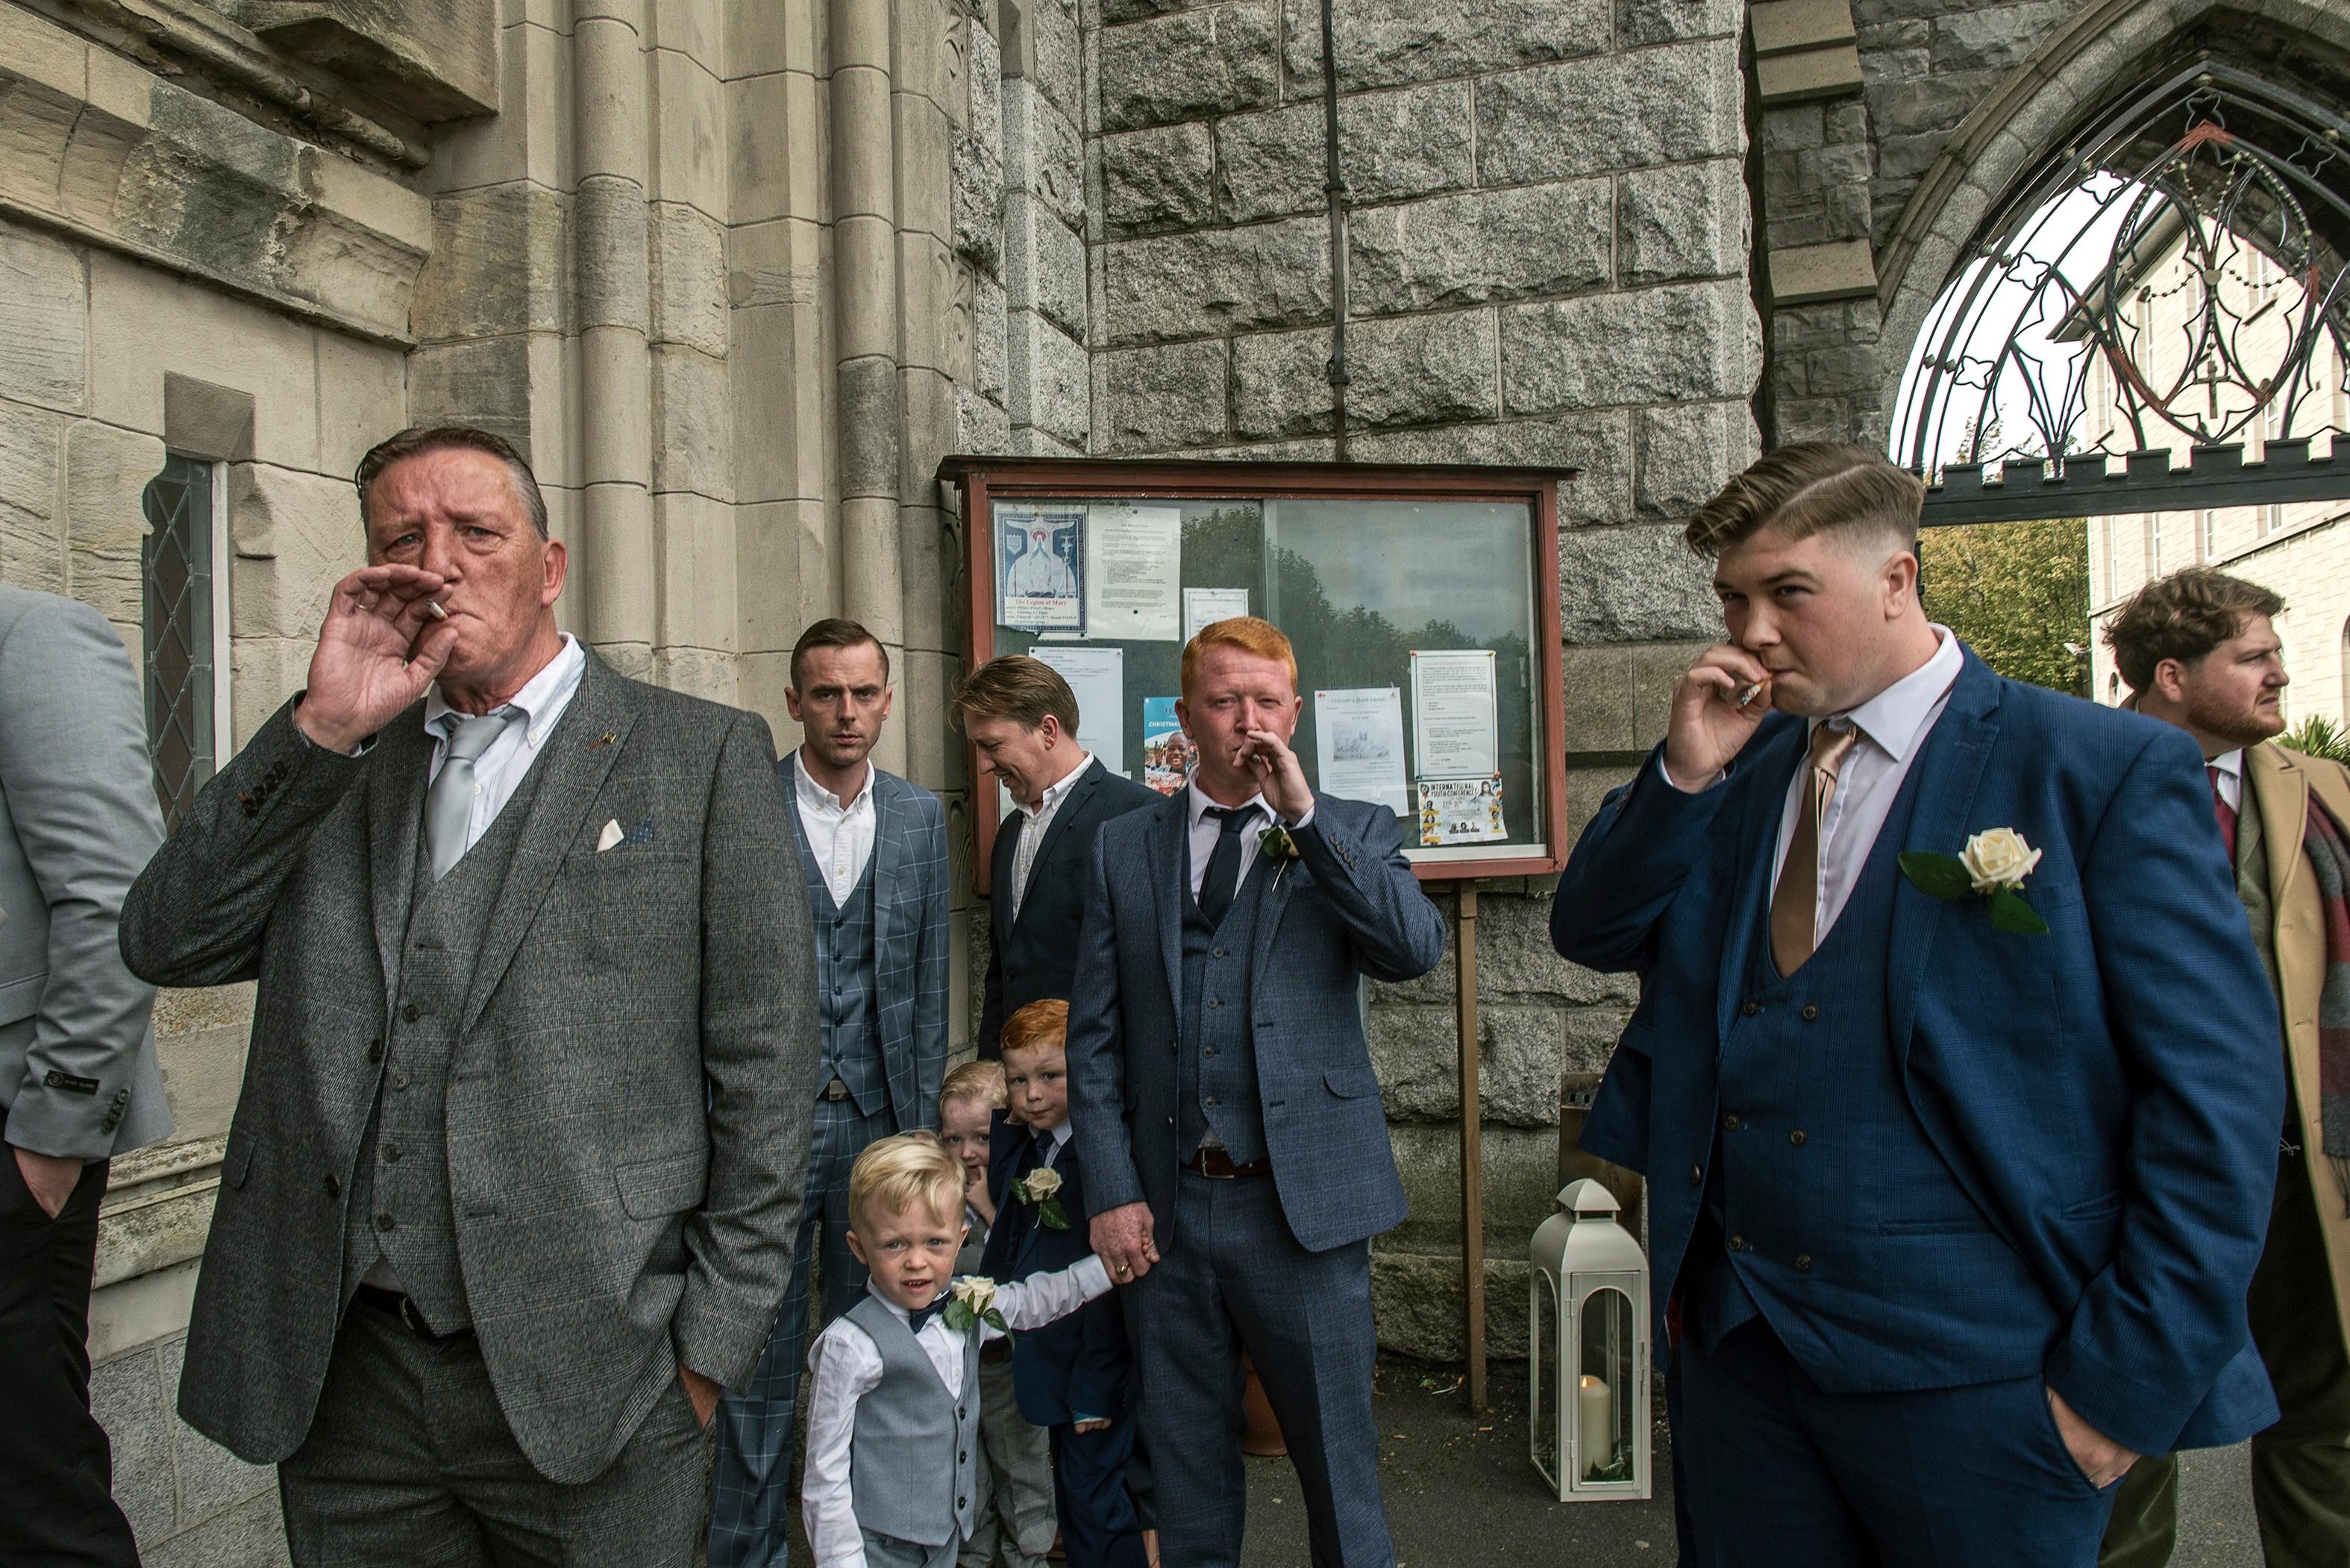 Коннорсы, ожидающие невесту у церкви в Дублине, 2019. Из серии «Ирландские цыгане». Фотограф Джозеф Филипп Бевиллард